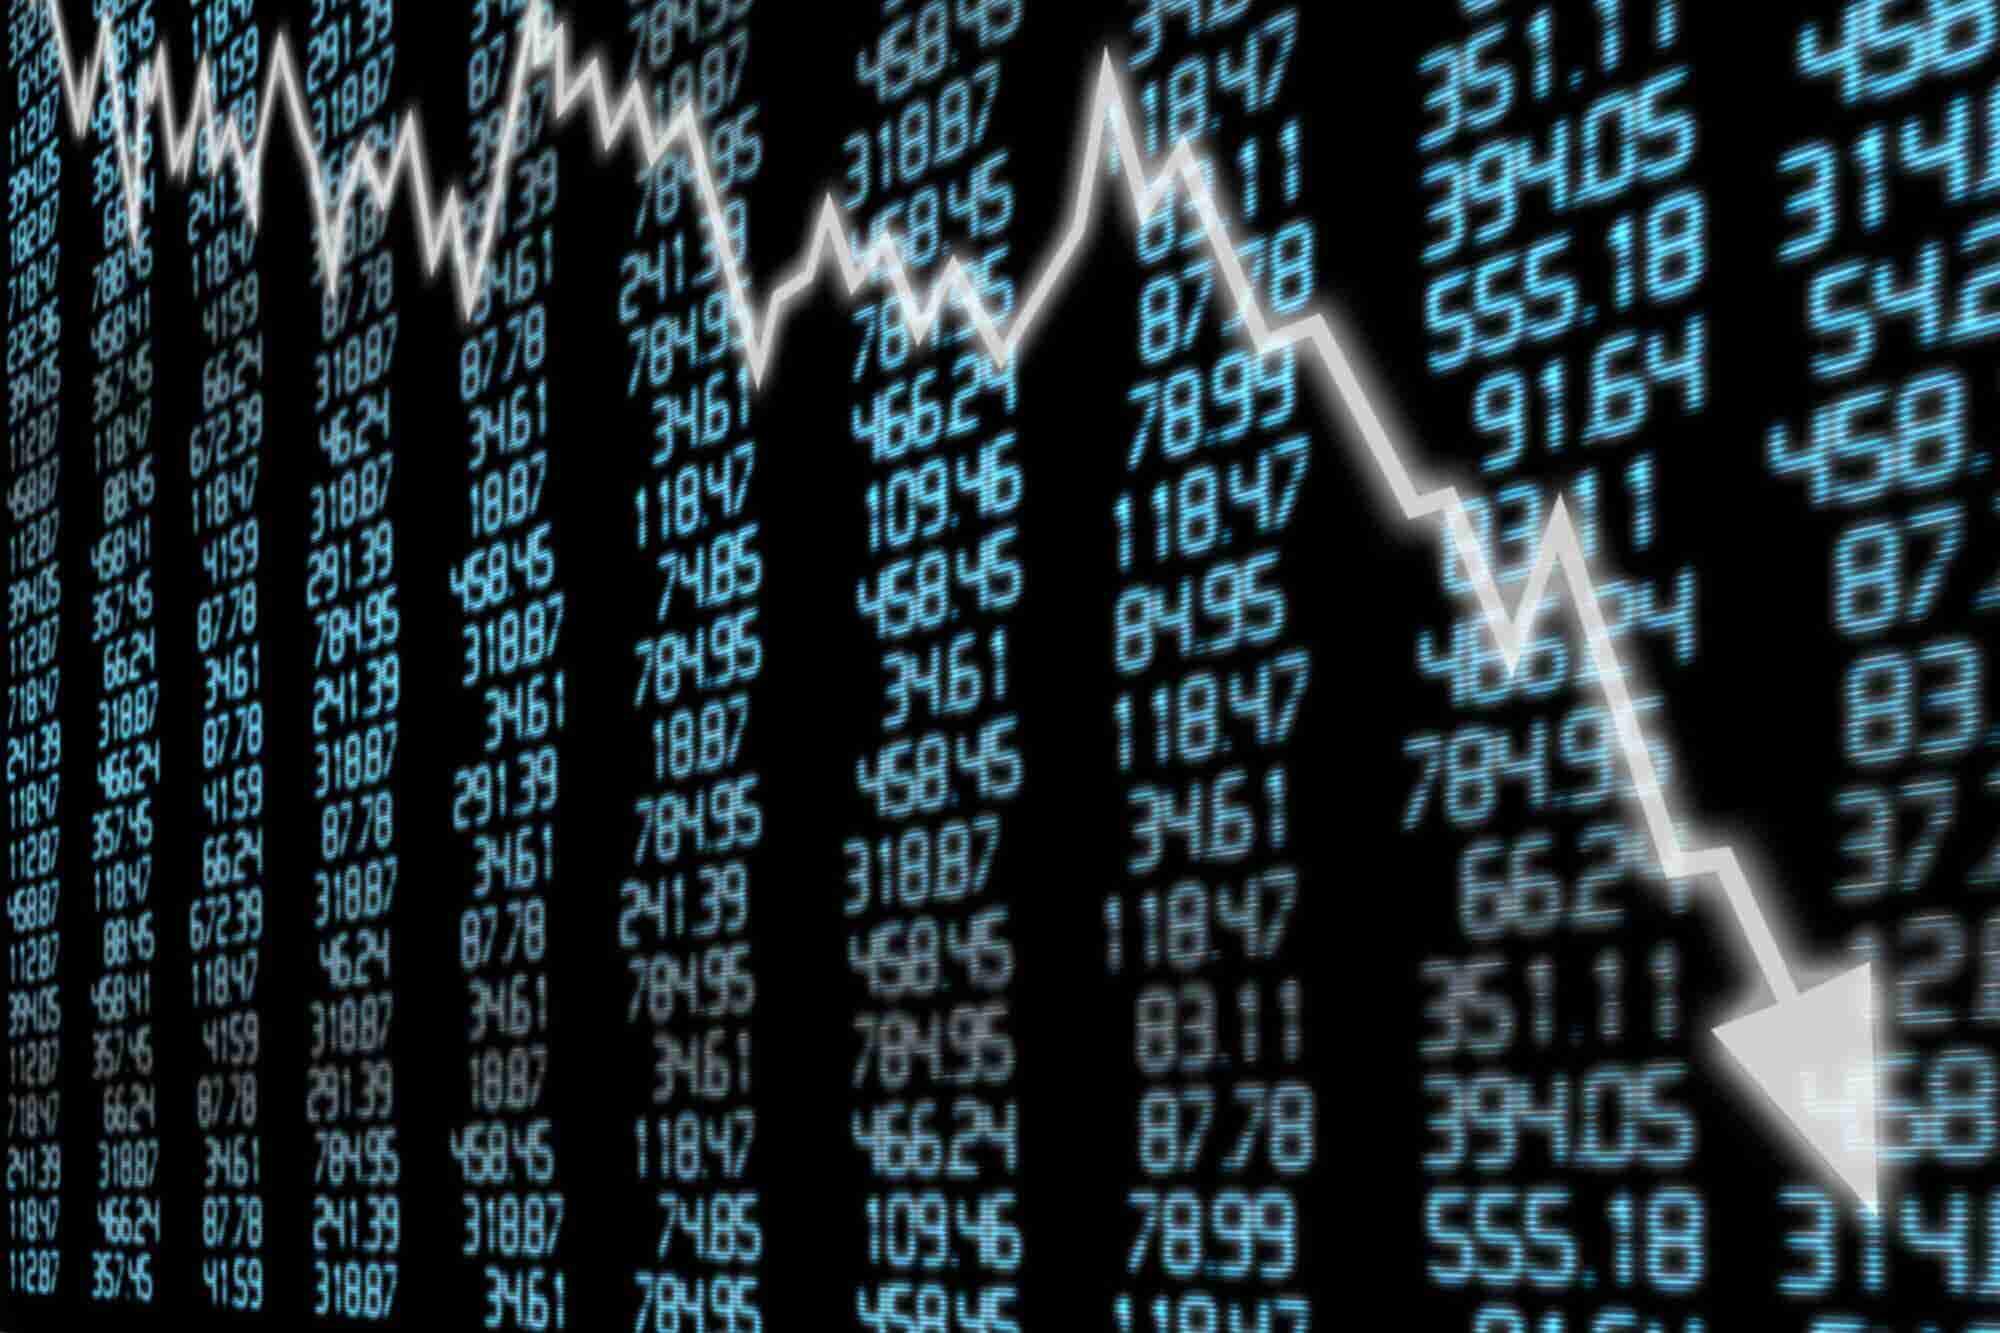 ¿Viene una crisis económica para el año 2020?